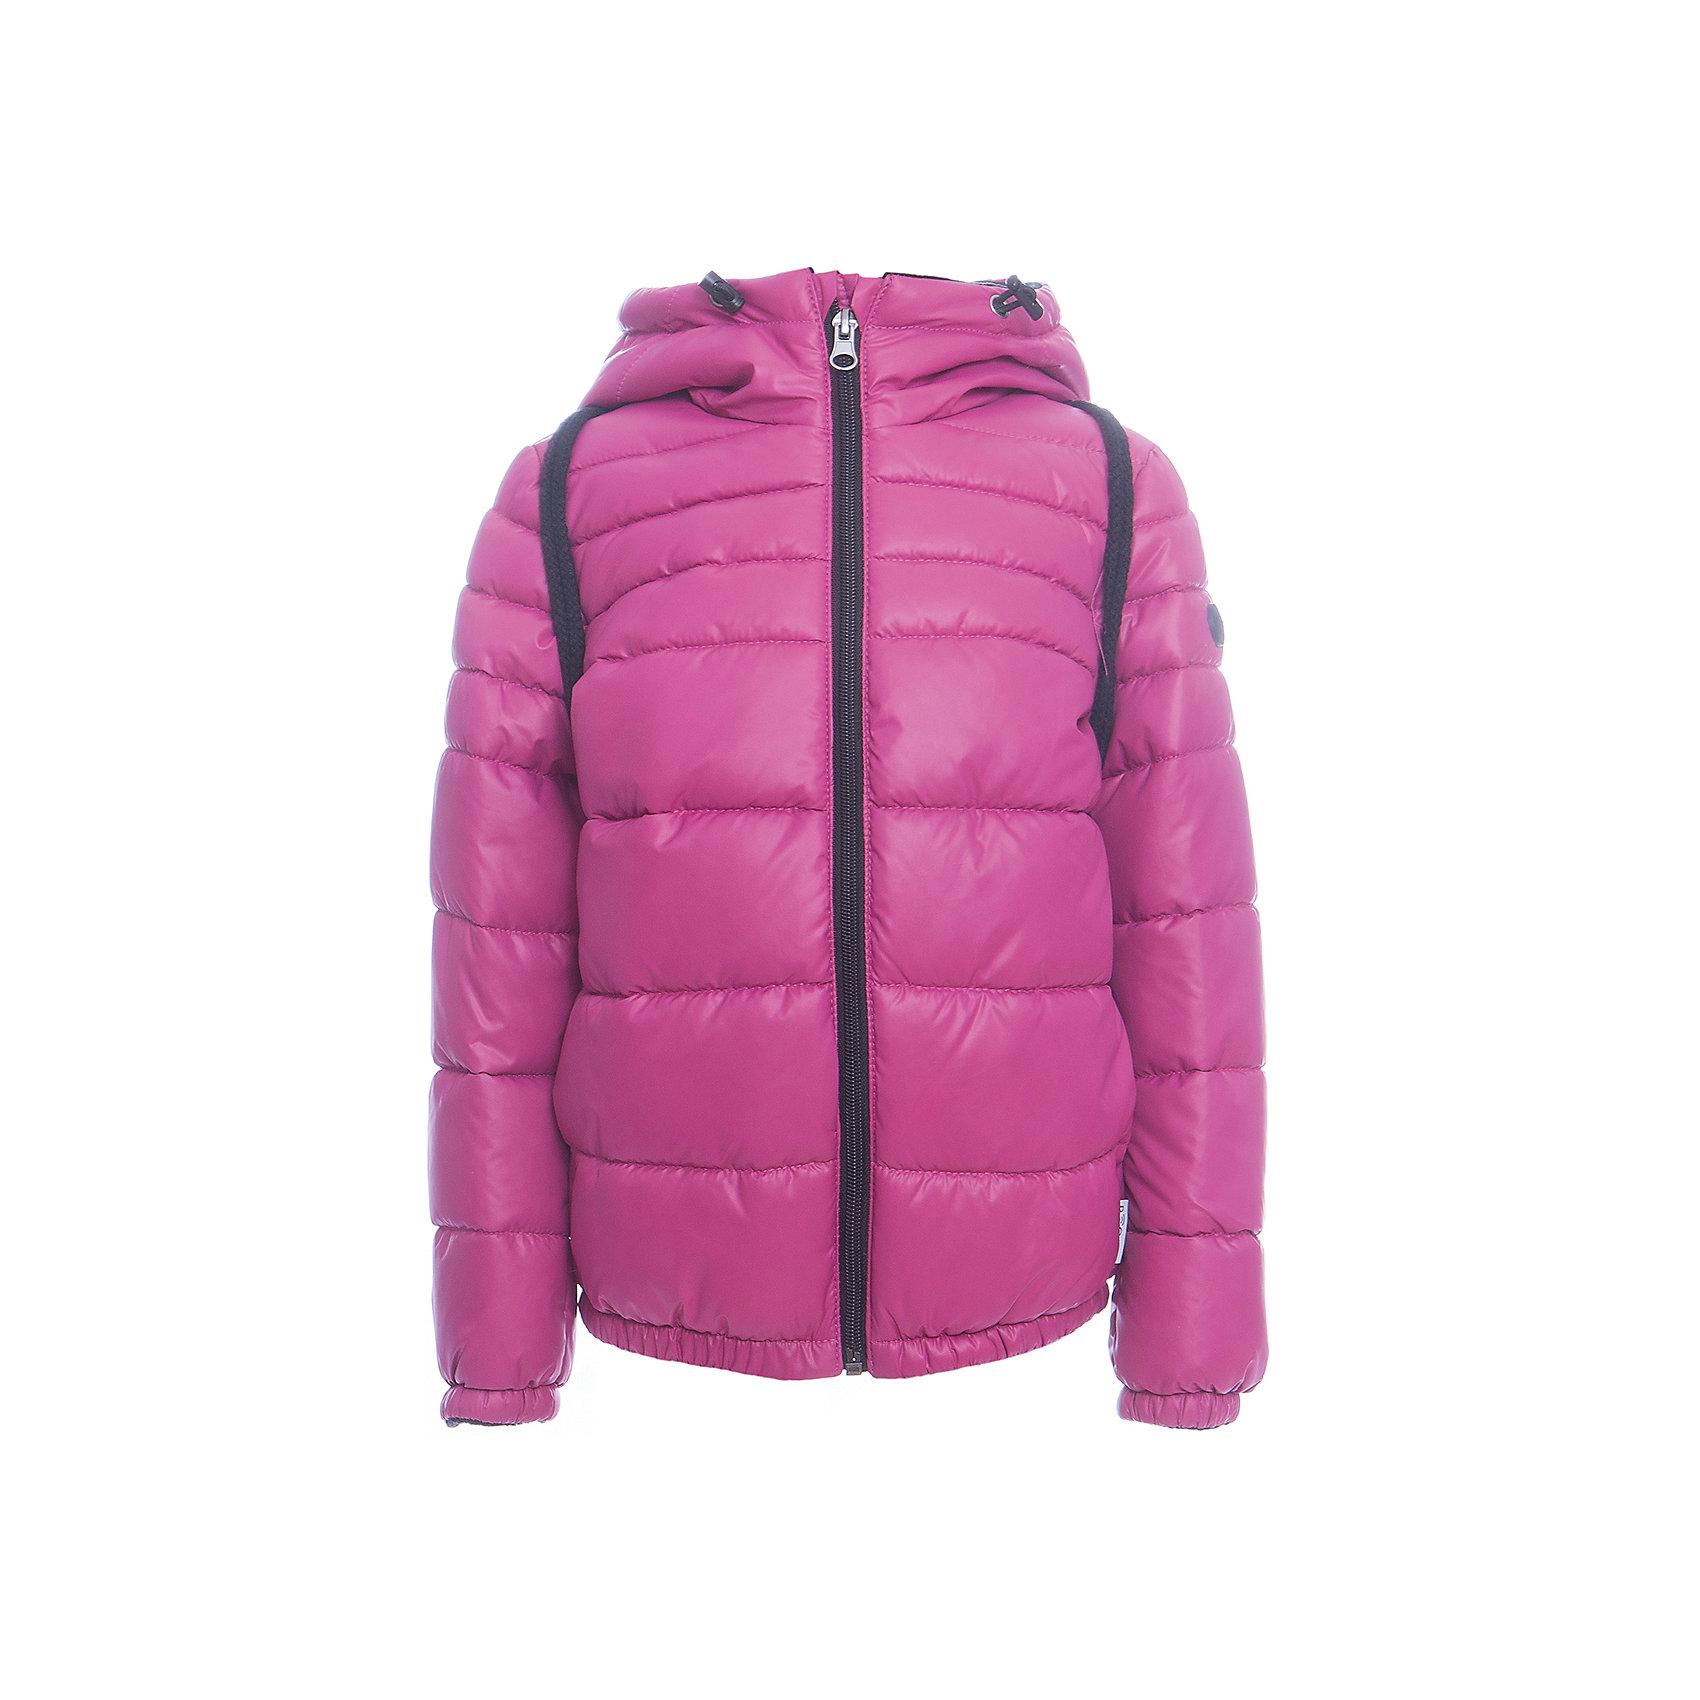 Куртка BOOM by OrbyВерхняя одежда<br>Характеристики товара:<br><br>• цвет: фиолетовый<br>• ткань верха: Болонь pu milky<br>• подкладка: Флис, ПЭ пуходержащий<br>• утеплитель: Flexy Fiber 200 г/м2<br>• сезон: демисезон<br>• температурный режим: от -10° до +10°С<br>• особенности: на молнии, со съемным рюкзаком<br>• тип куртки: стеганая, дутая<br>• капюшон: без меха, несъемный<br>• страна бренда: Россия<br>• страна изготовитель: Россия<br><br>Эта оригинальная куртка дополнена удобным рюкзаком. Яркая куртка создана с учетом особенностей строения детского тела. Эта демисезонная куртка учитывает особенности российской погоды в демисезон, поэтому рассчитана как на дождливые дни, так и заморозки. <br><br>Куртку BOOM by Orby можно купить в нашем интернет-магазине.<br><br>Ширина мм: 356<br>Глубина мм: 10<br>Высота мм: 245<br>Вес г: 519<br>Цвет: лиловый<br>Возраст от месяцев: 6<br>Возраст до месяцев: 9<br>Пол: Унисекс<br>Возраст: Детский<br>Размер: 74,98,80,86,104,110,116,92<br>SKU: 7007673